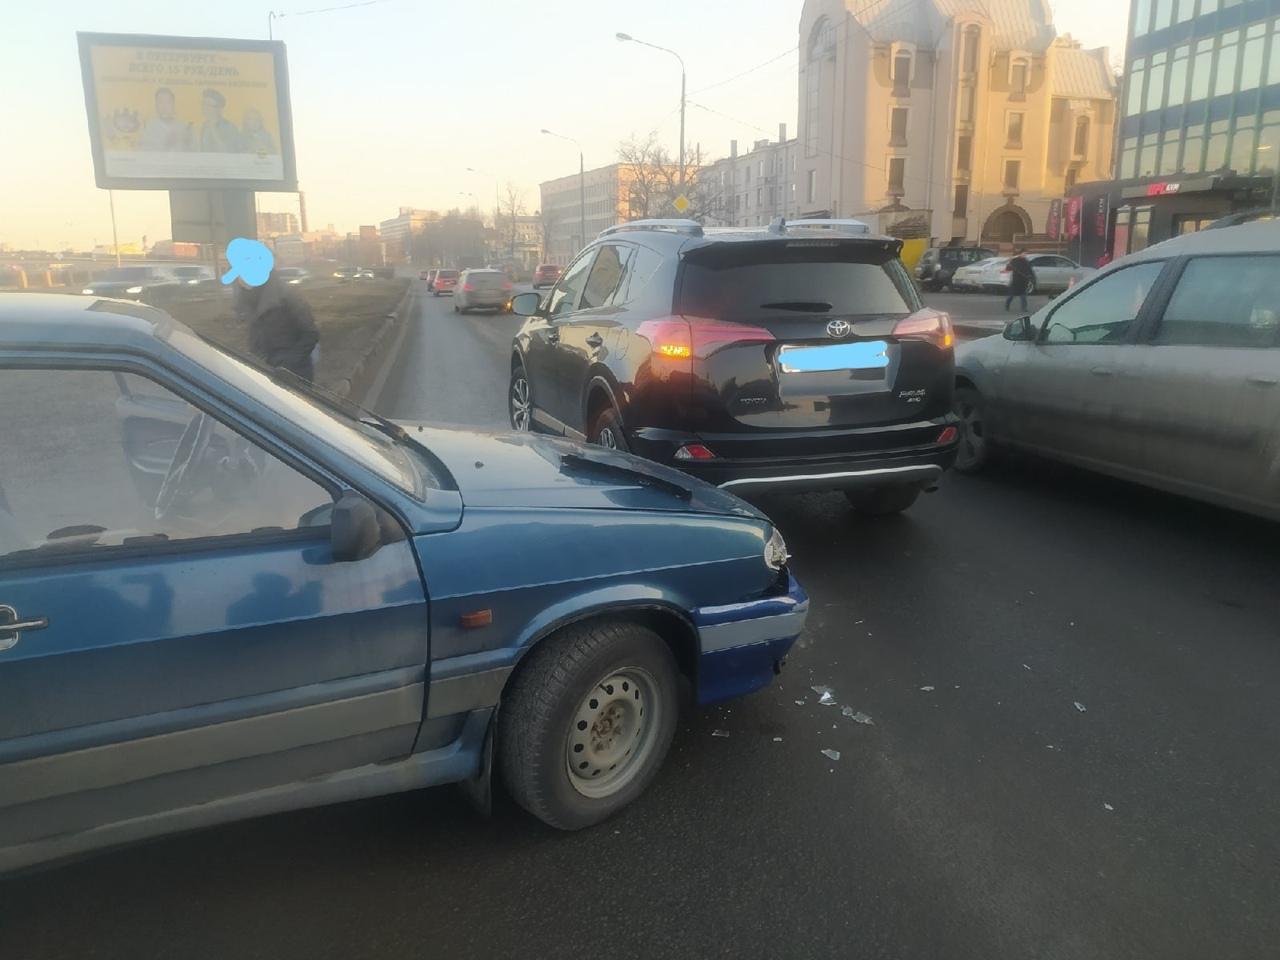 Ищу свидетелей аварии, которая произошла 29 марта в 7.30 утра на Пироговской набережной между Ладой ...